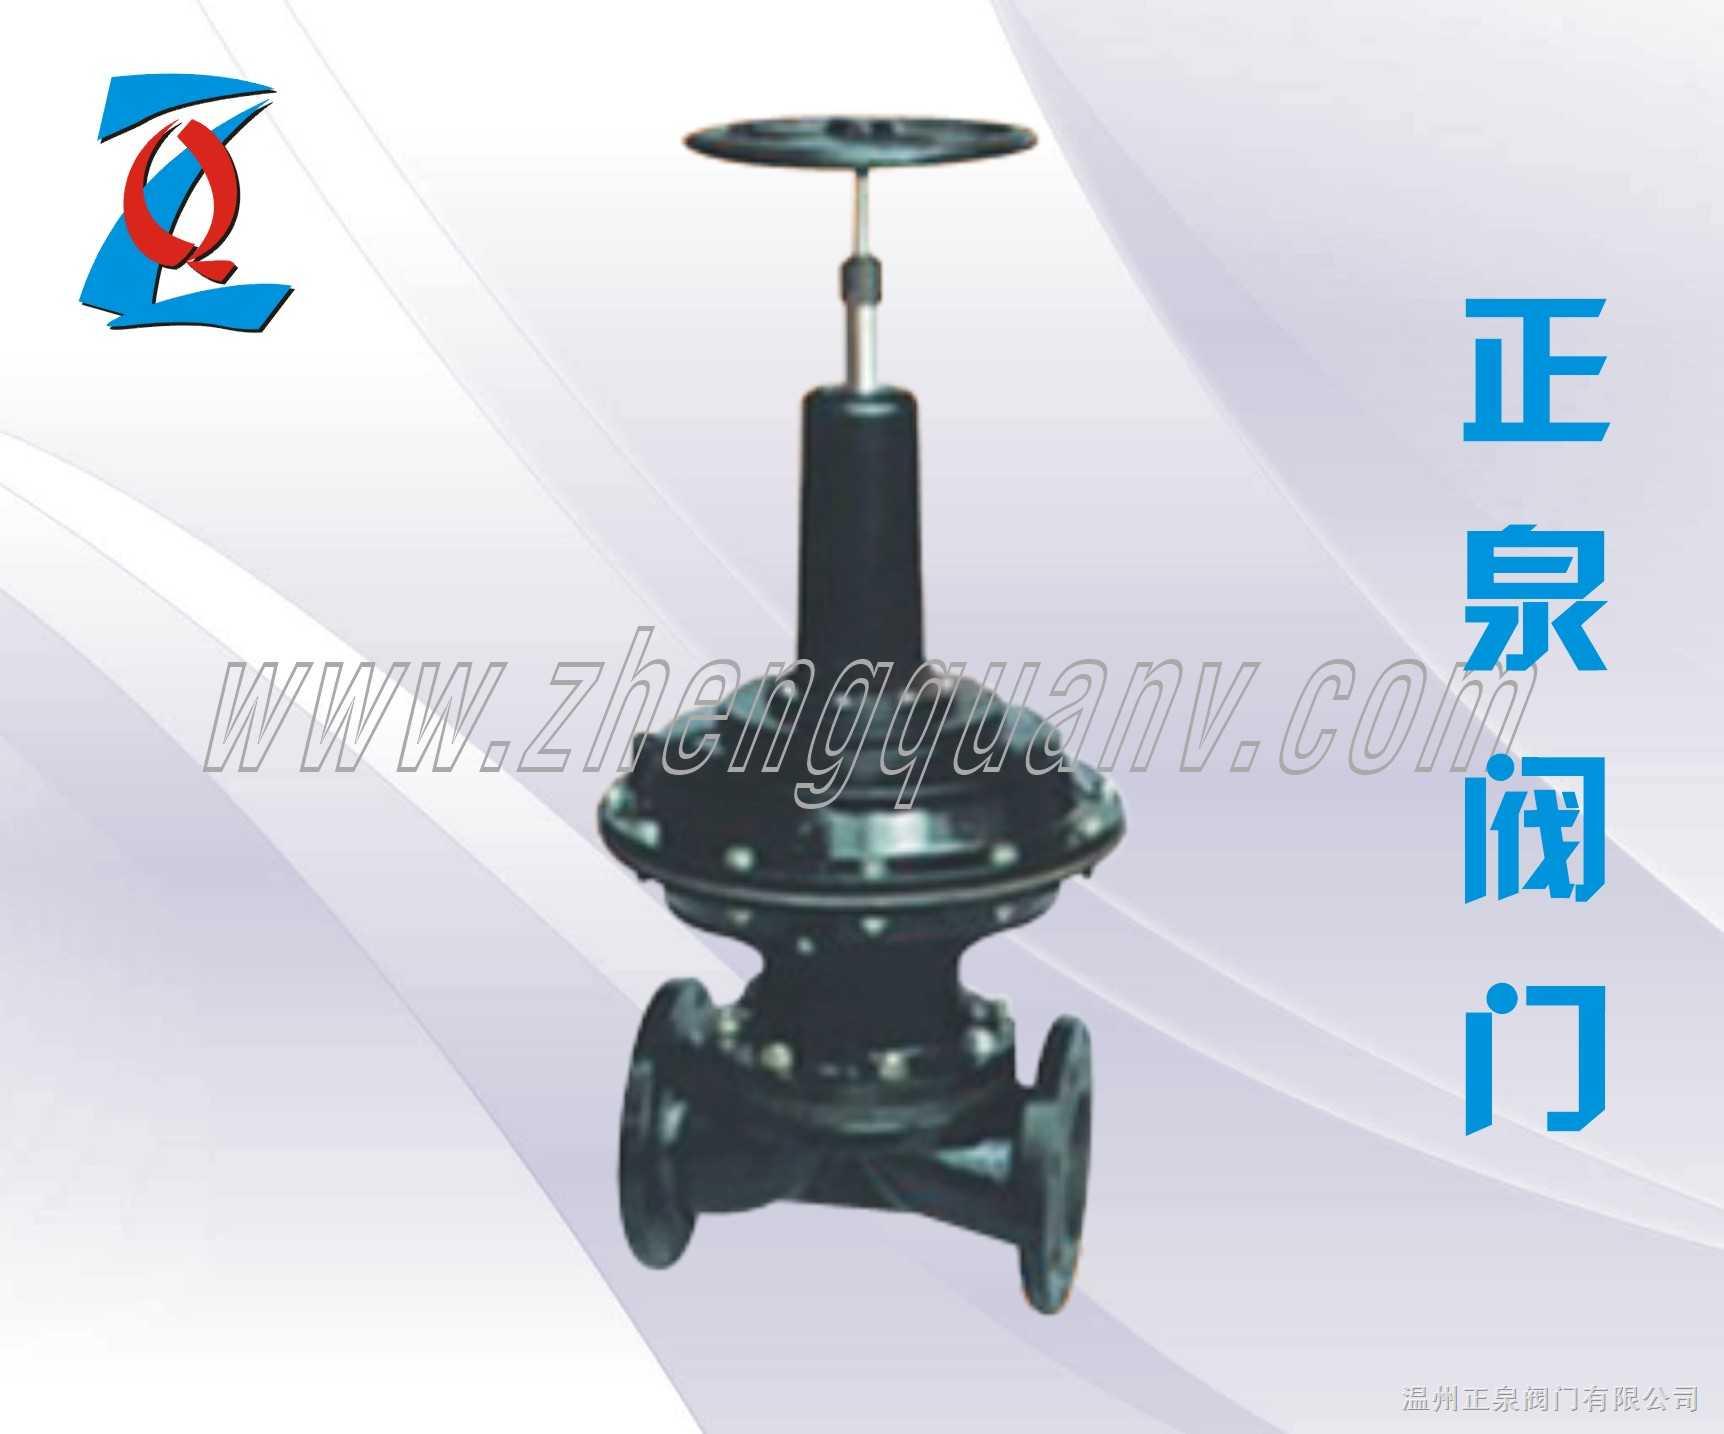 EG6K41J常开式气动衬胶隔膜阀 EG6K41J